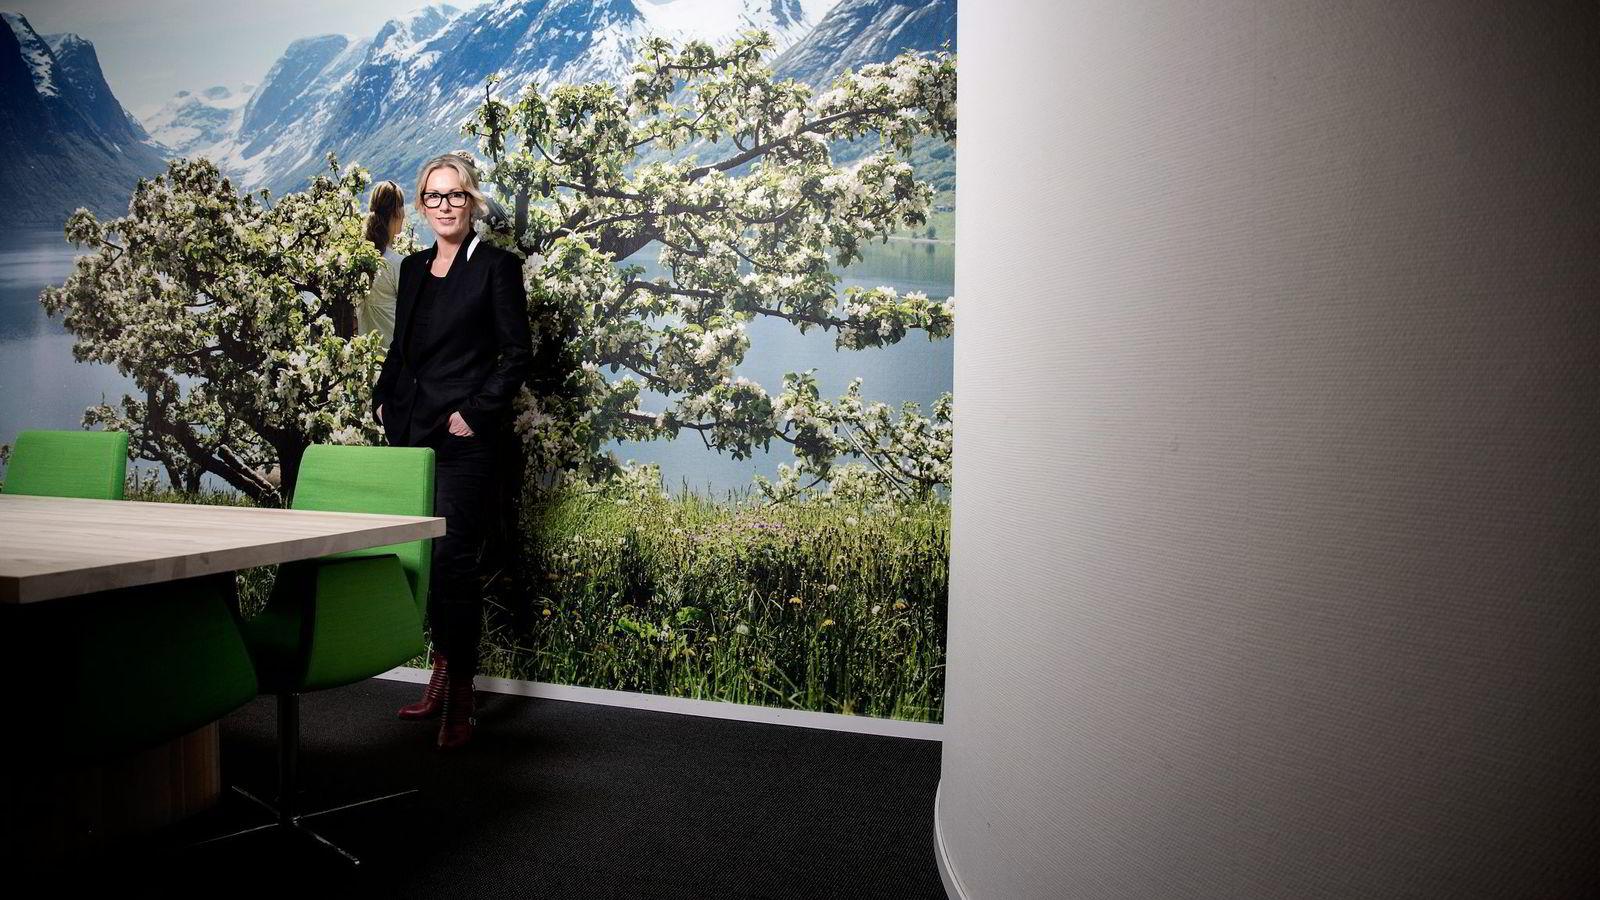 Toppsjef Anita Krohn Traaseth i Innovasjon Norge sier hun trenger å blogge om selskapets interne prosesser for å klare jobben. Foto: Fredrik Bjerknes